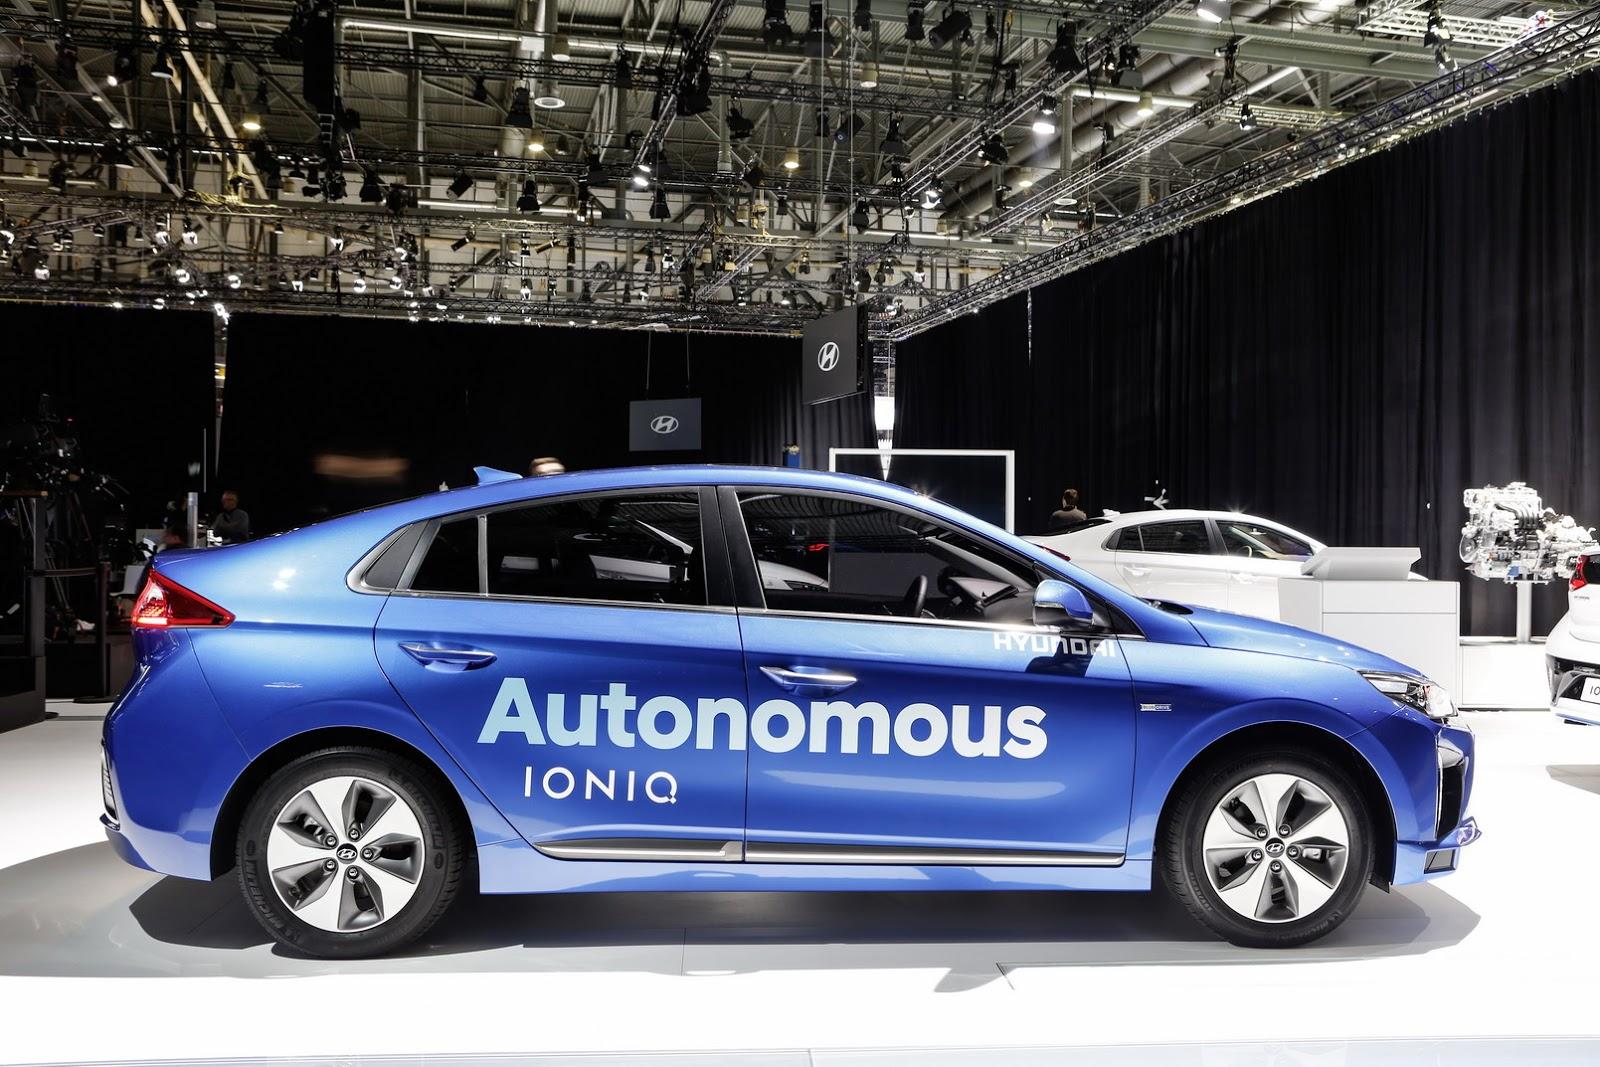 I-Hyundai-Autonomous-Ioniq-1